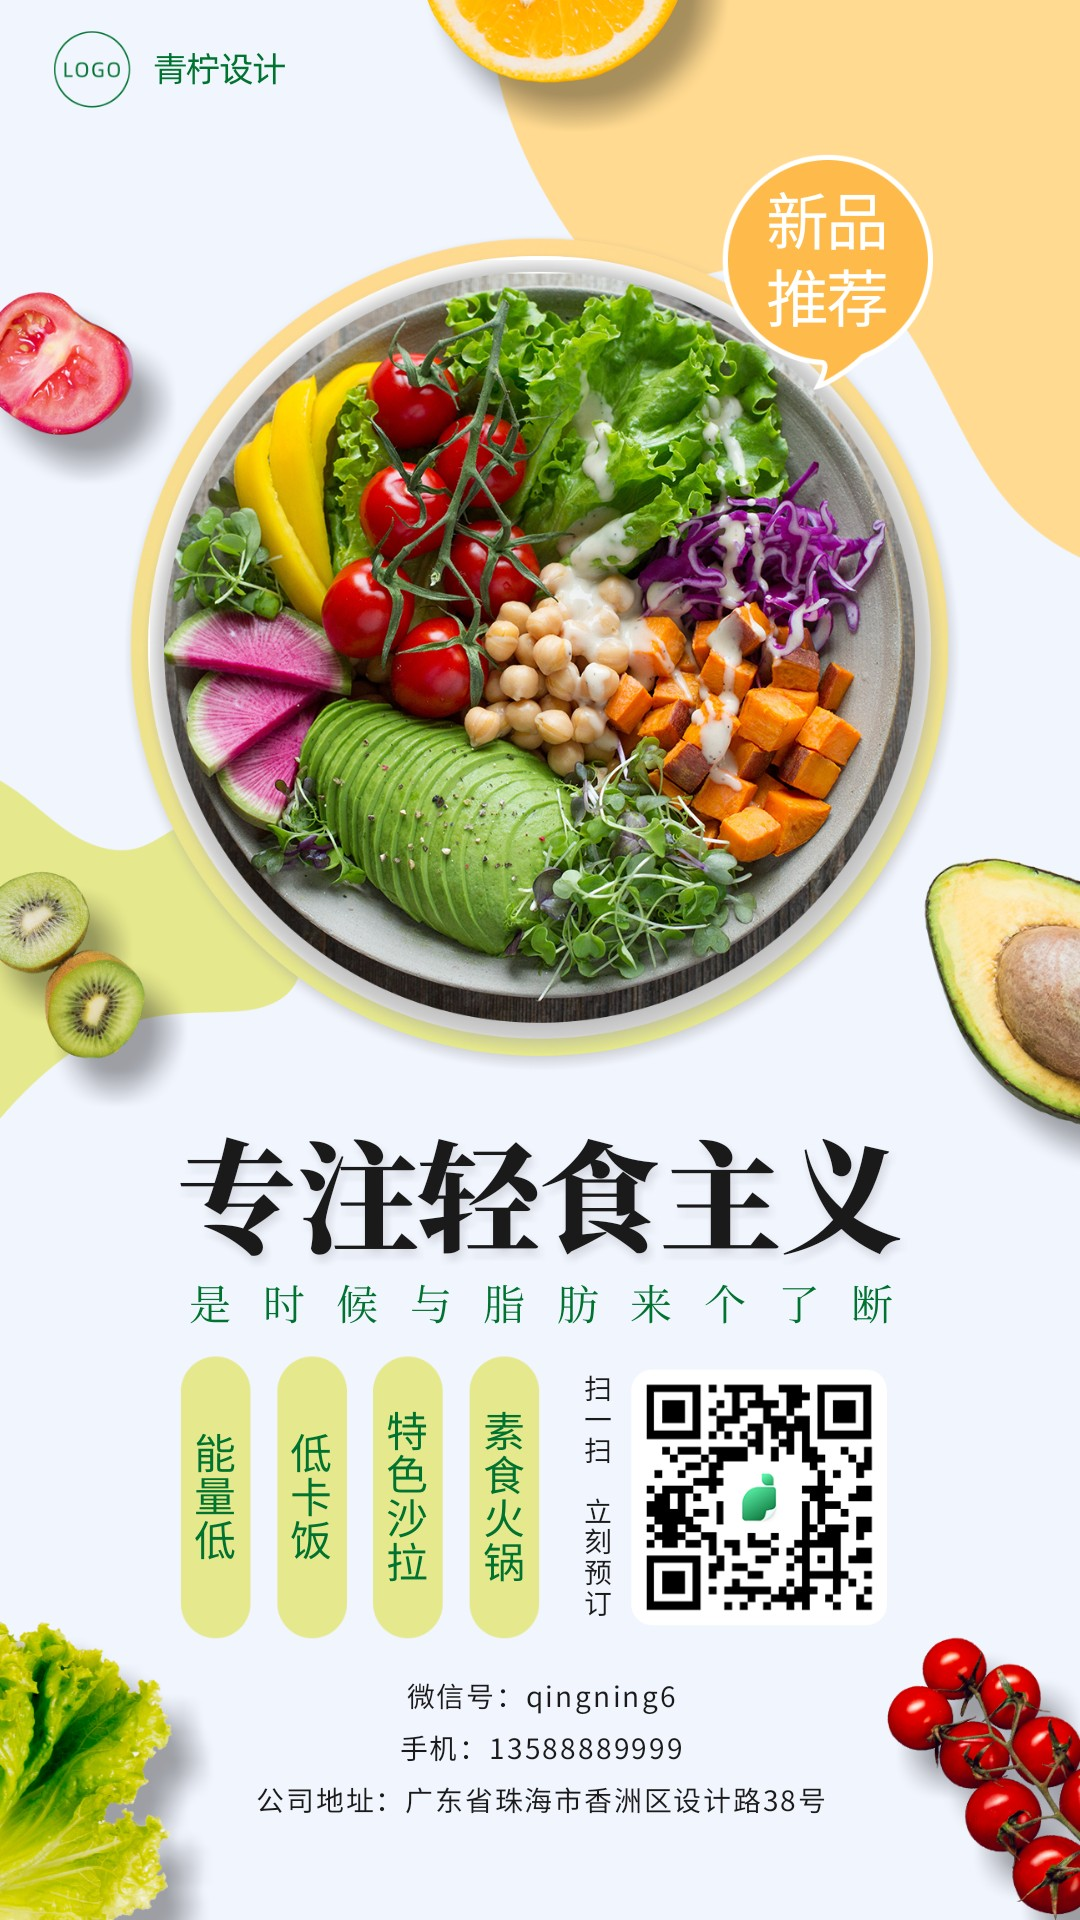 简约餐饮美食推荐手机海报